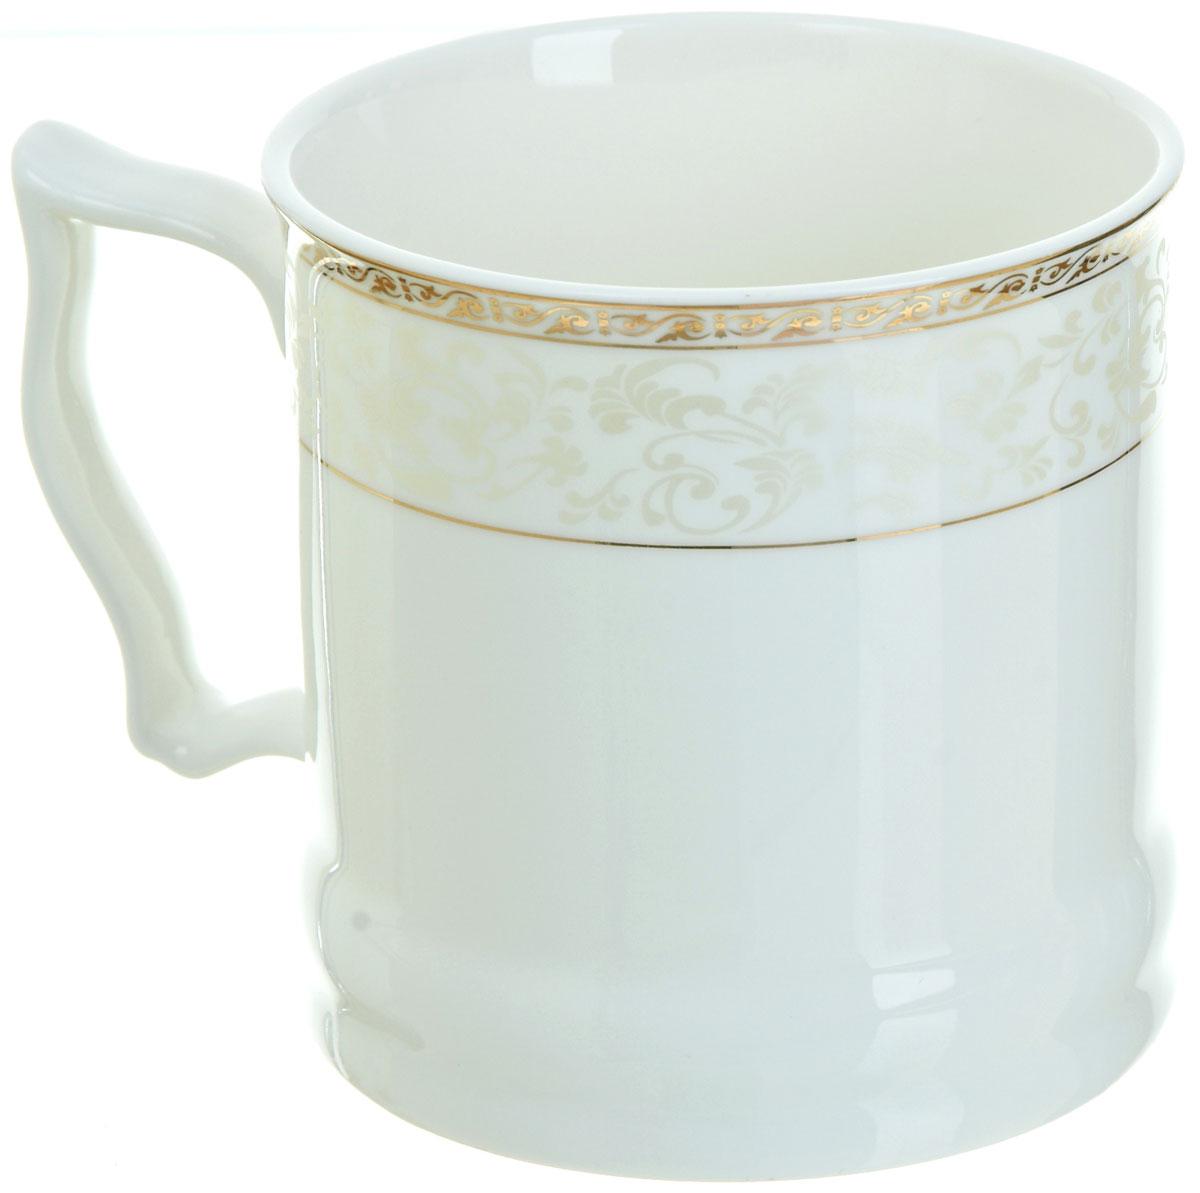 Кружка BHP Королевская кружка, 500 мл. M1870004M1870004Оригинальная кружка Best Home Porcelain, выполненная из высококачественного фарфора, сочетает в себе простой, утонченный дизайн с максимальной функциональностью. Оригинальность оформления придутся по вкусу тем, кто ценит индивидуальность.